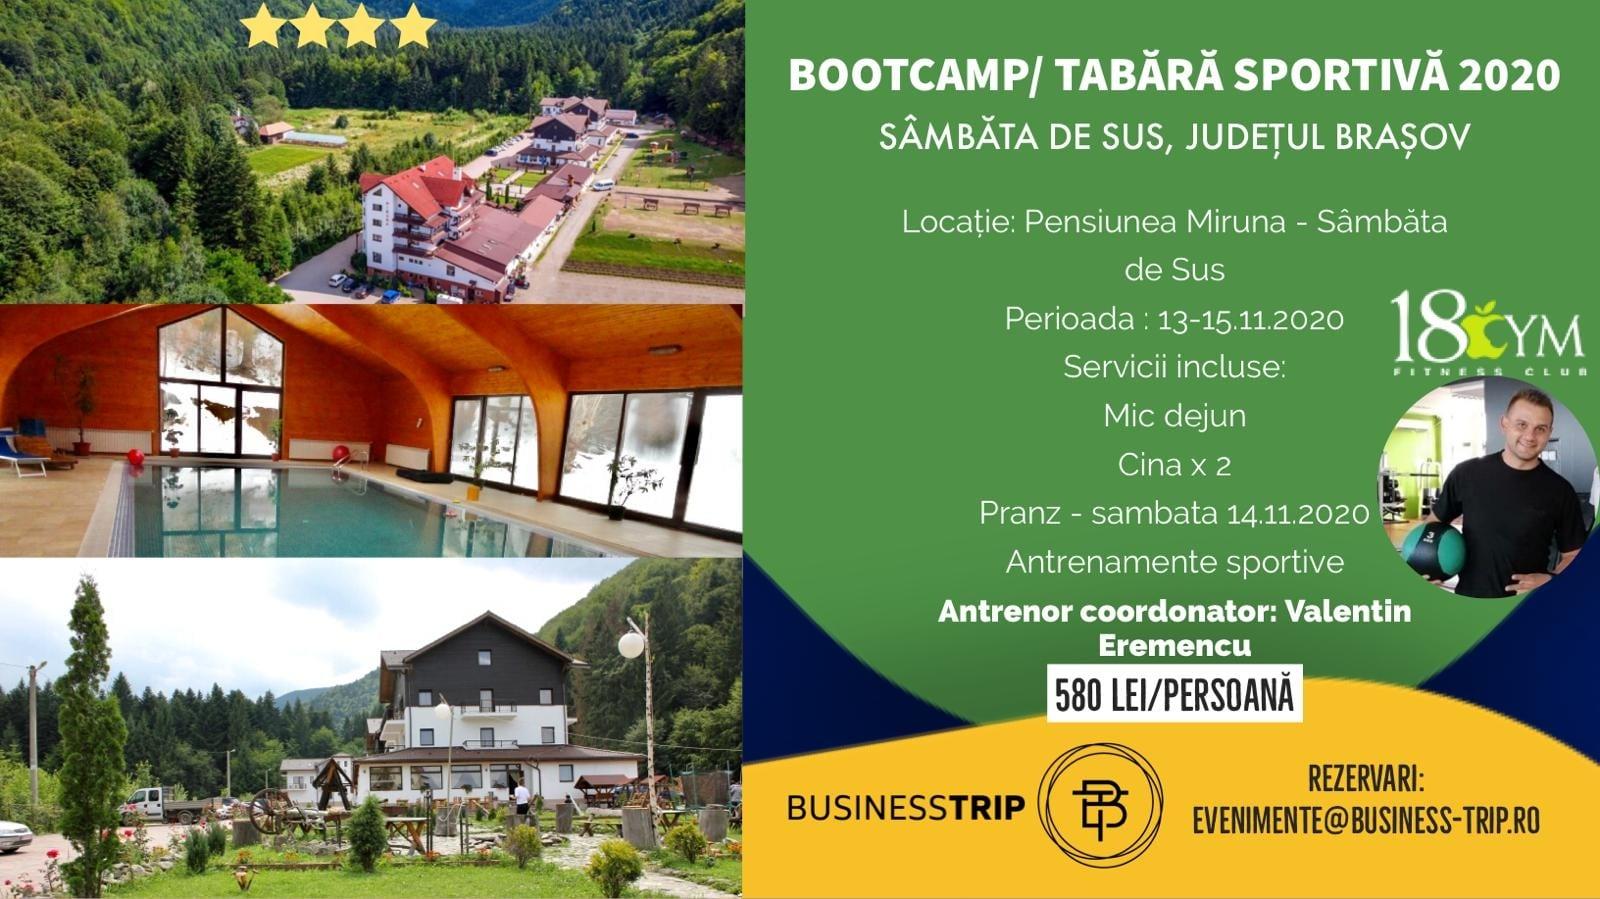 Bootcamp/Tabara sportiva la Sâmbăta de Sus, Brasov